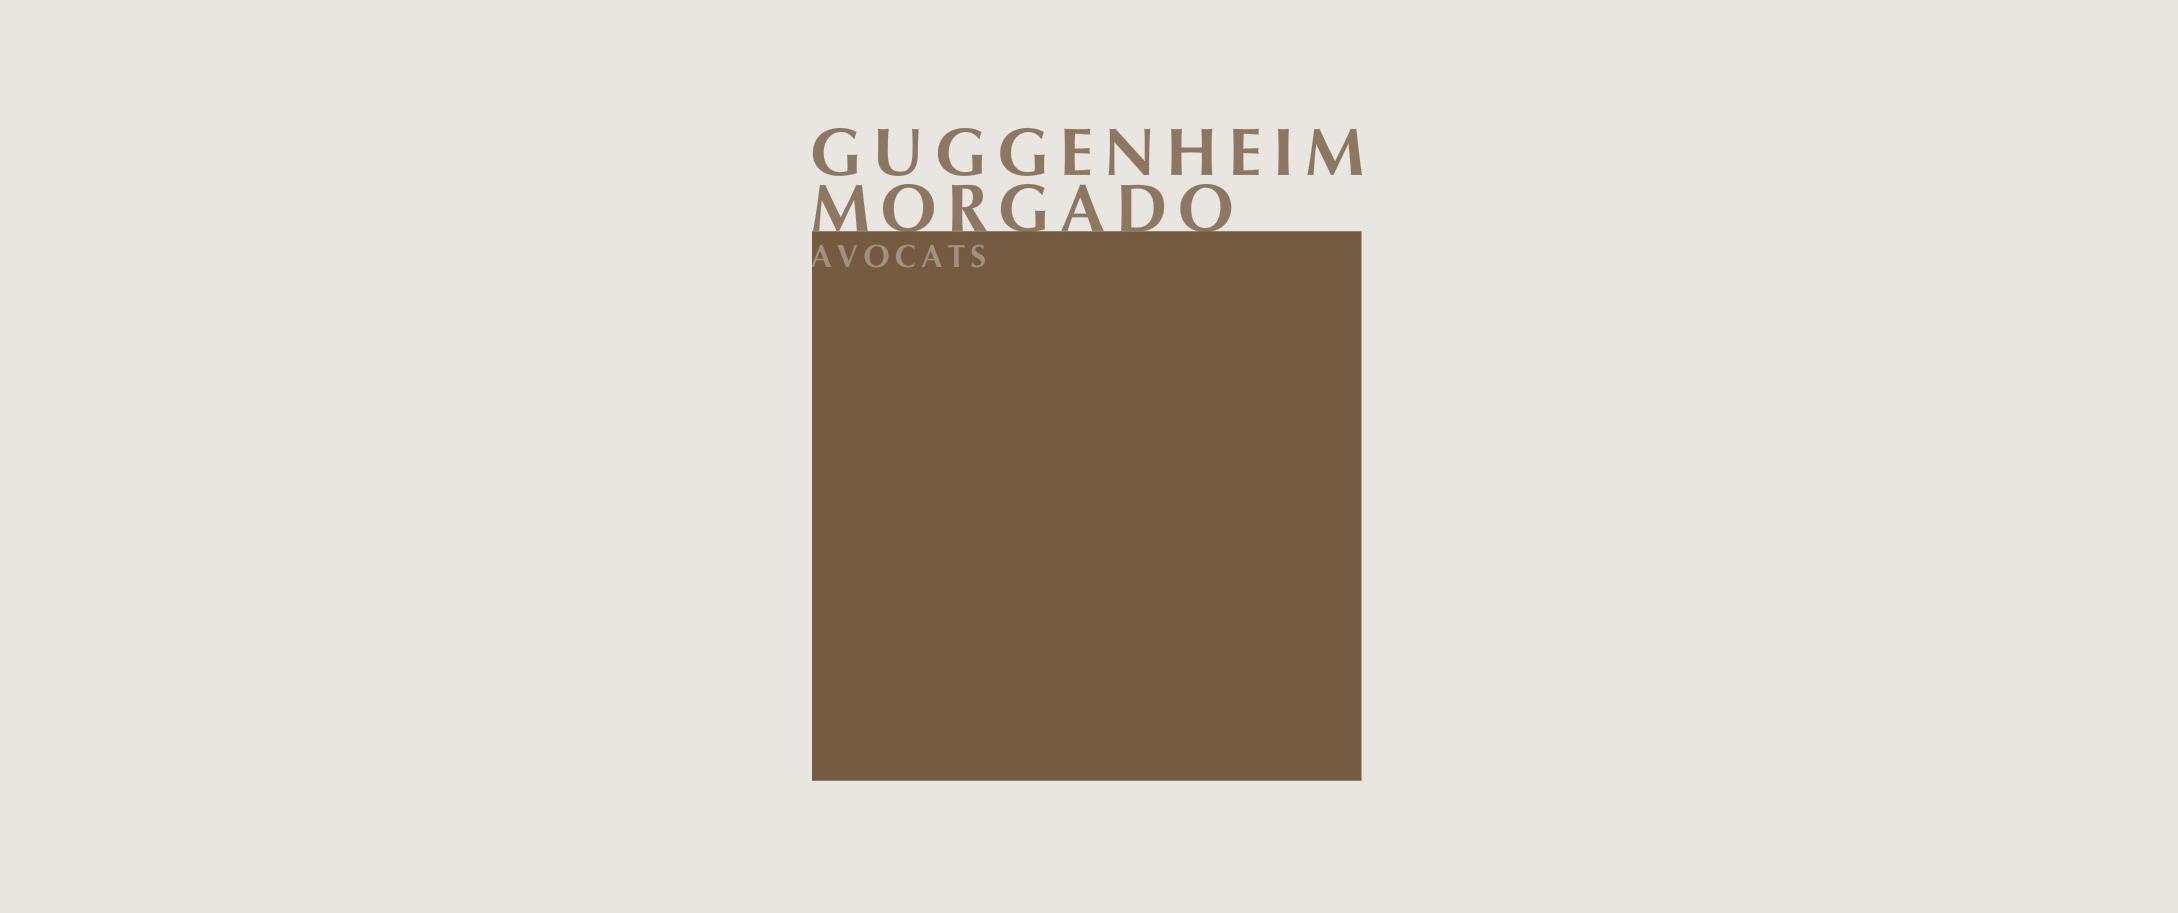 glegal-logo2